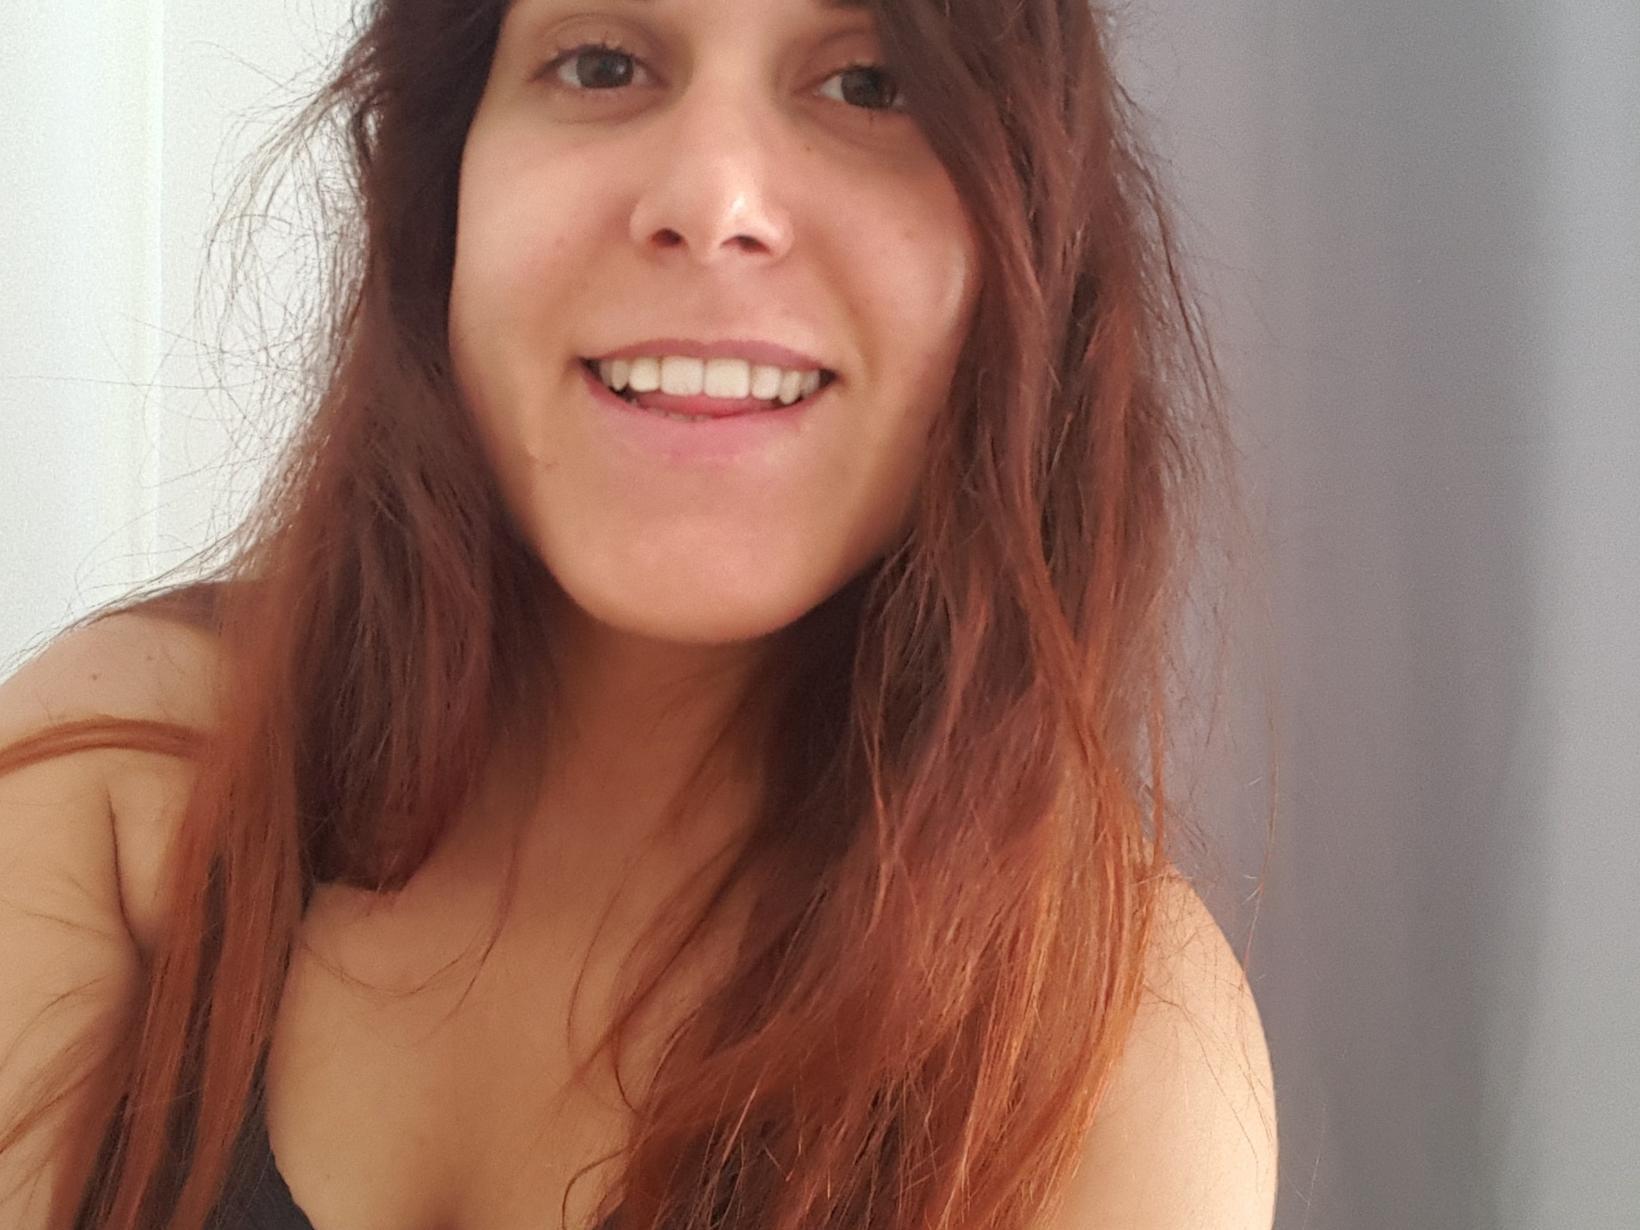 Olaia from Barcelona, Spain